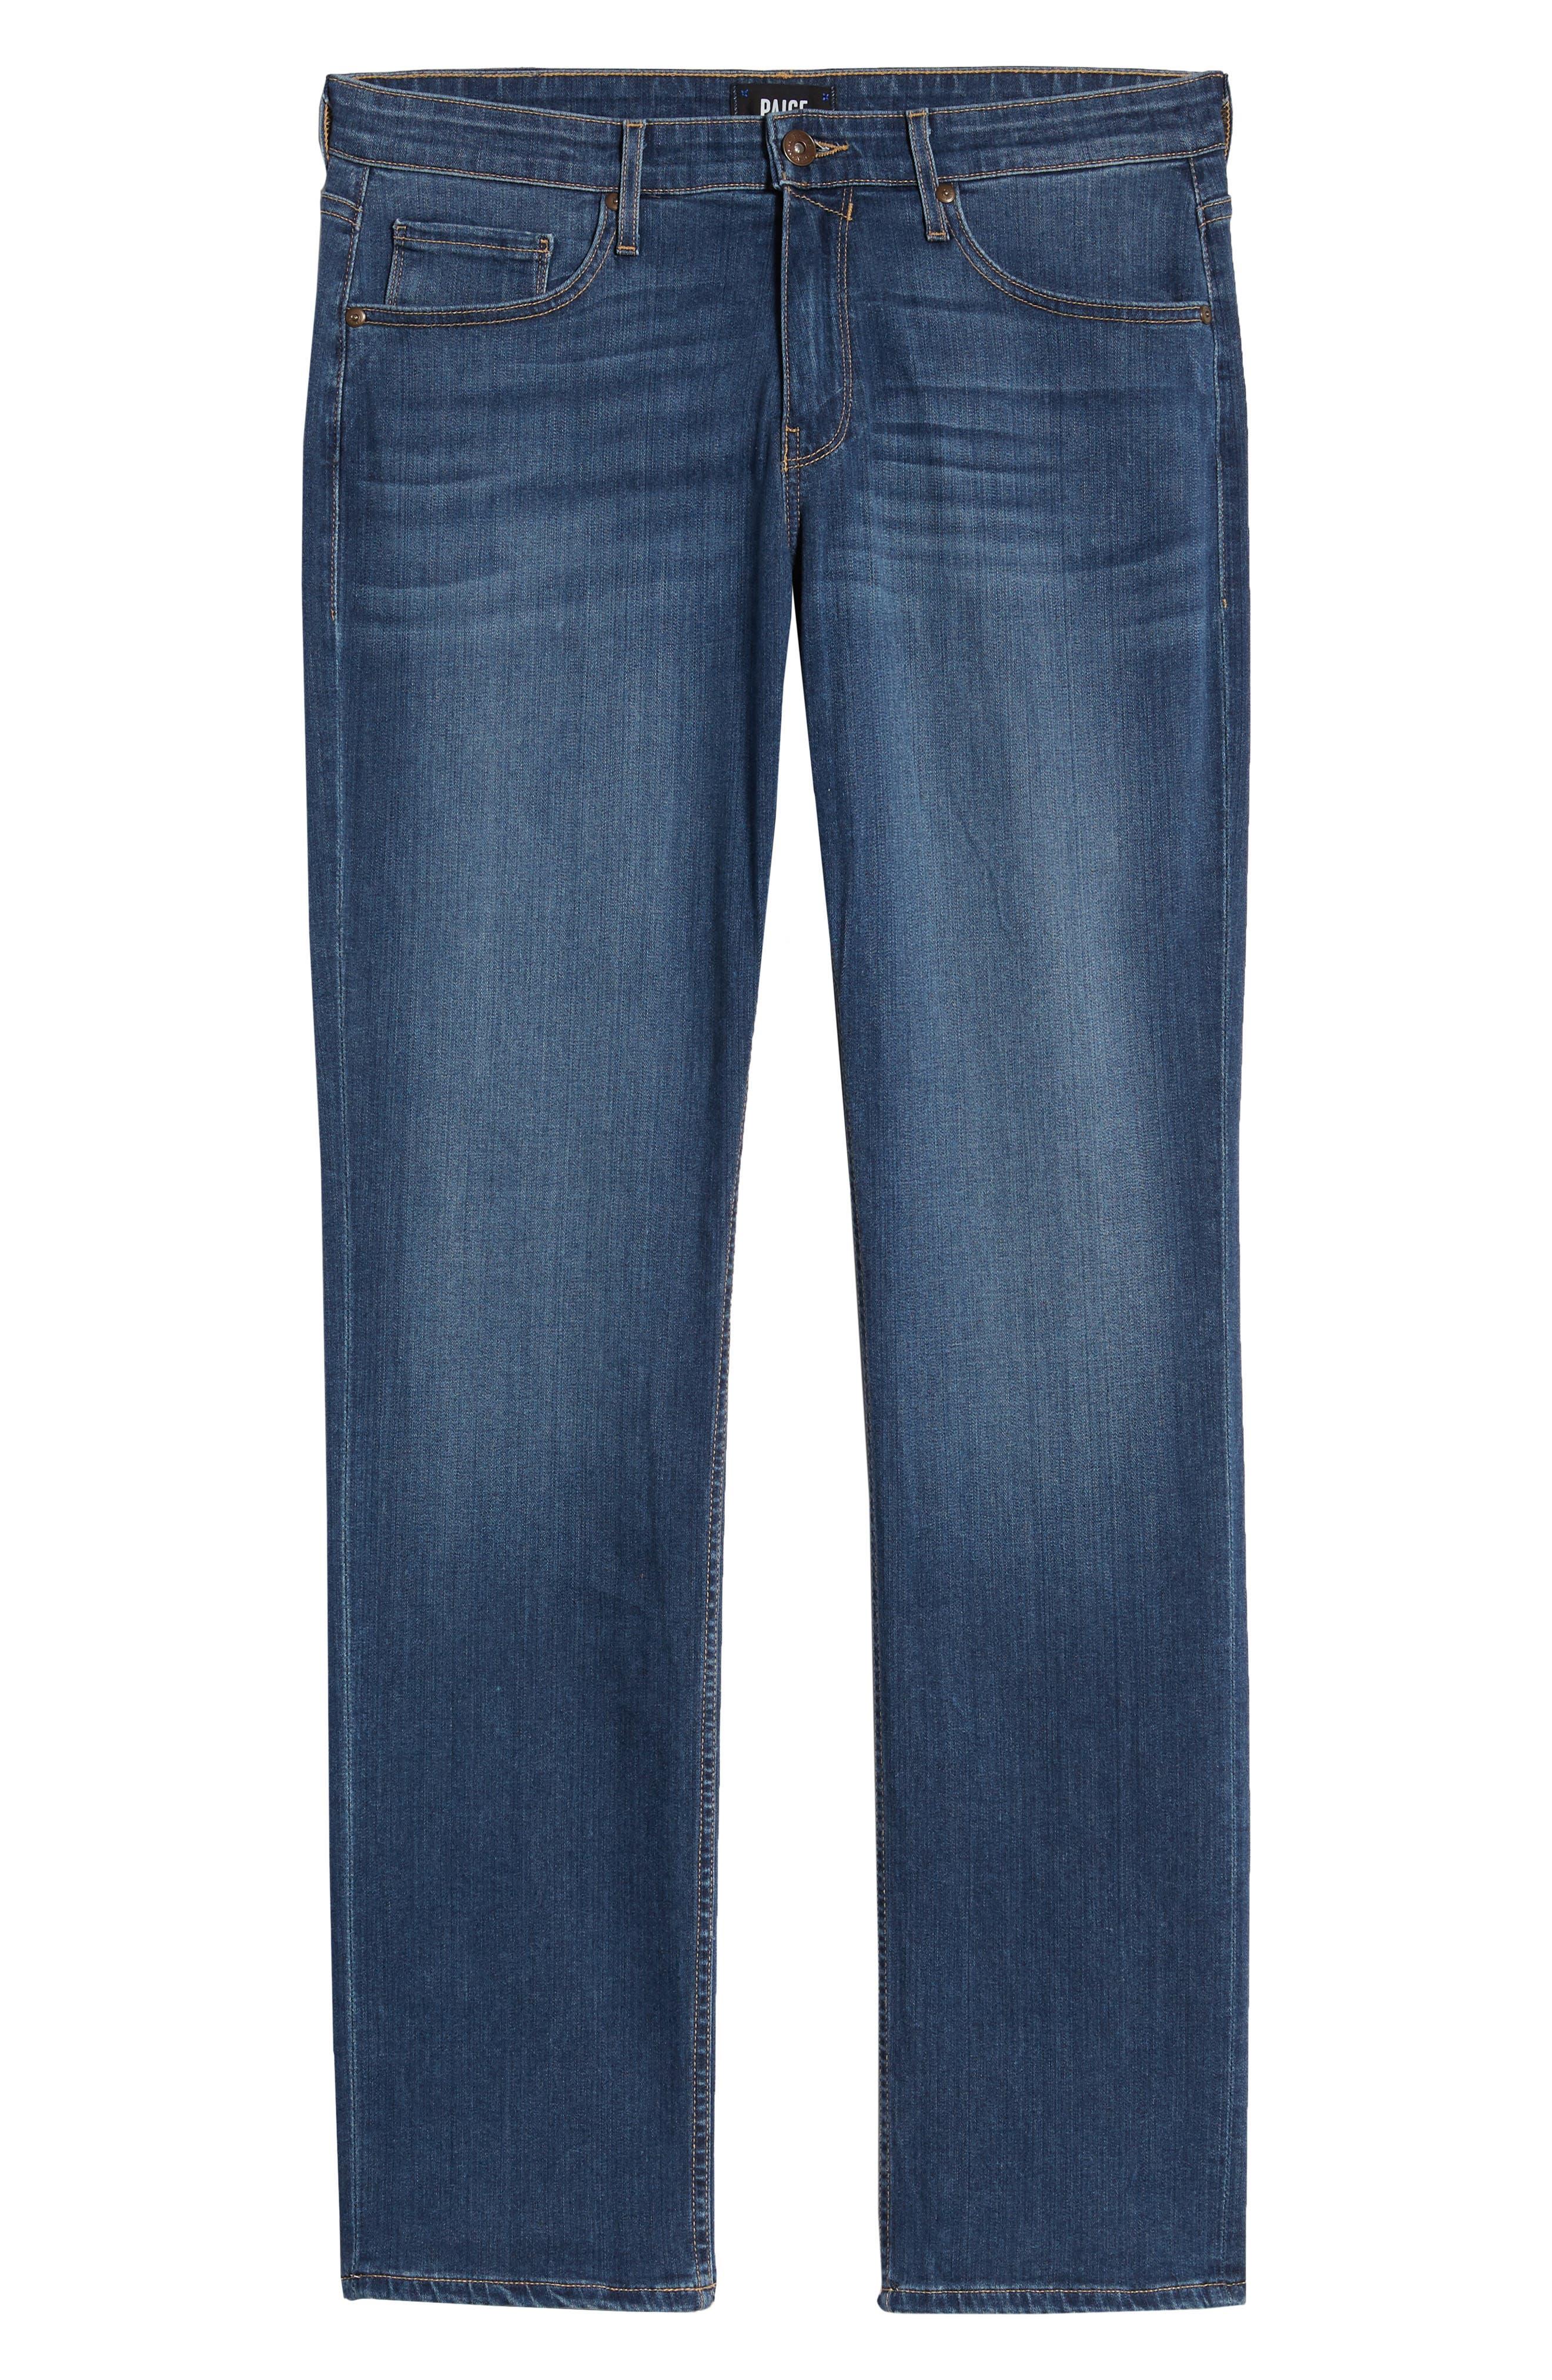 PAIGE, Transcend - Normandie Straight Leg Jeans, Alternate thumbnail 7, color, BIRCH